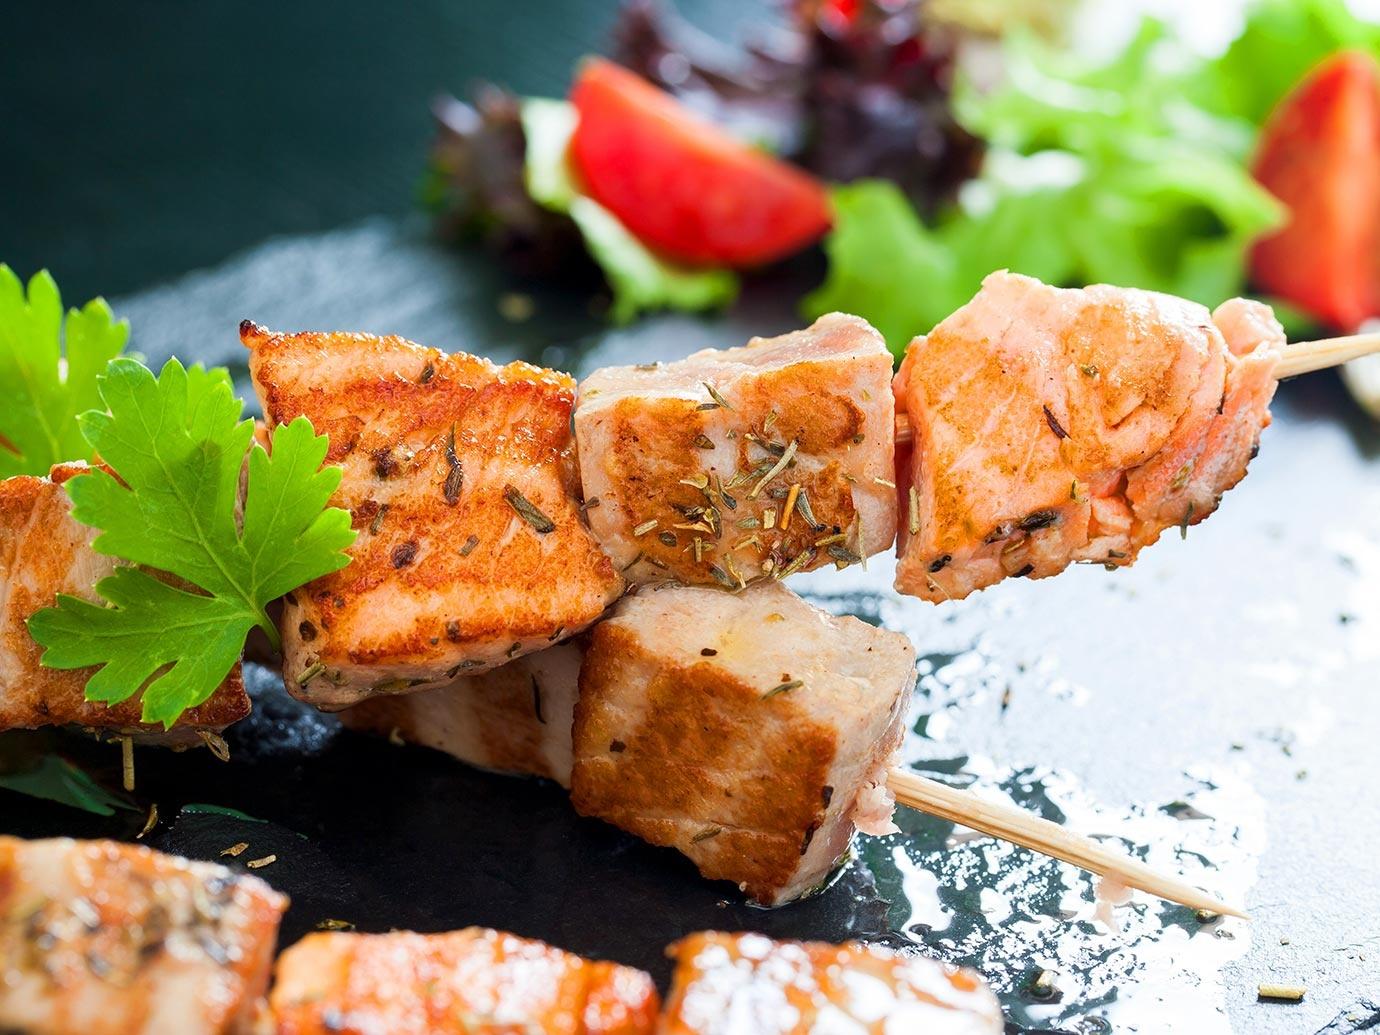 Brochette de saumon marinée au STEAK RUB MCHEF grillé